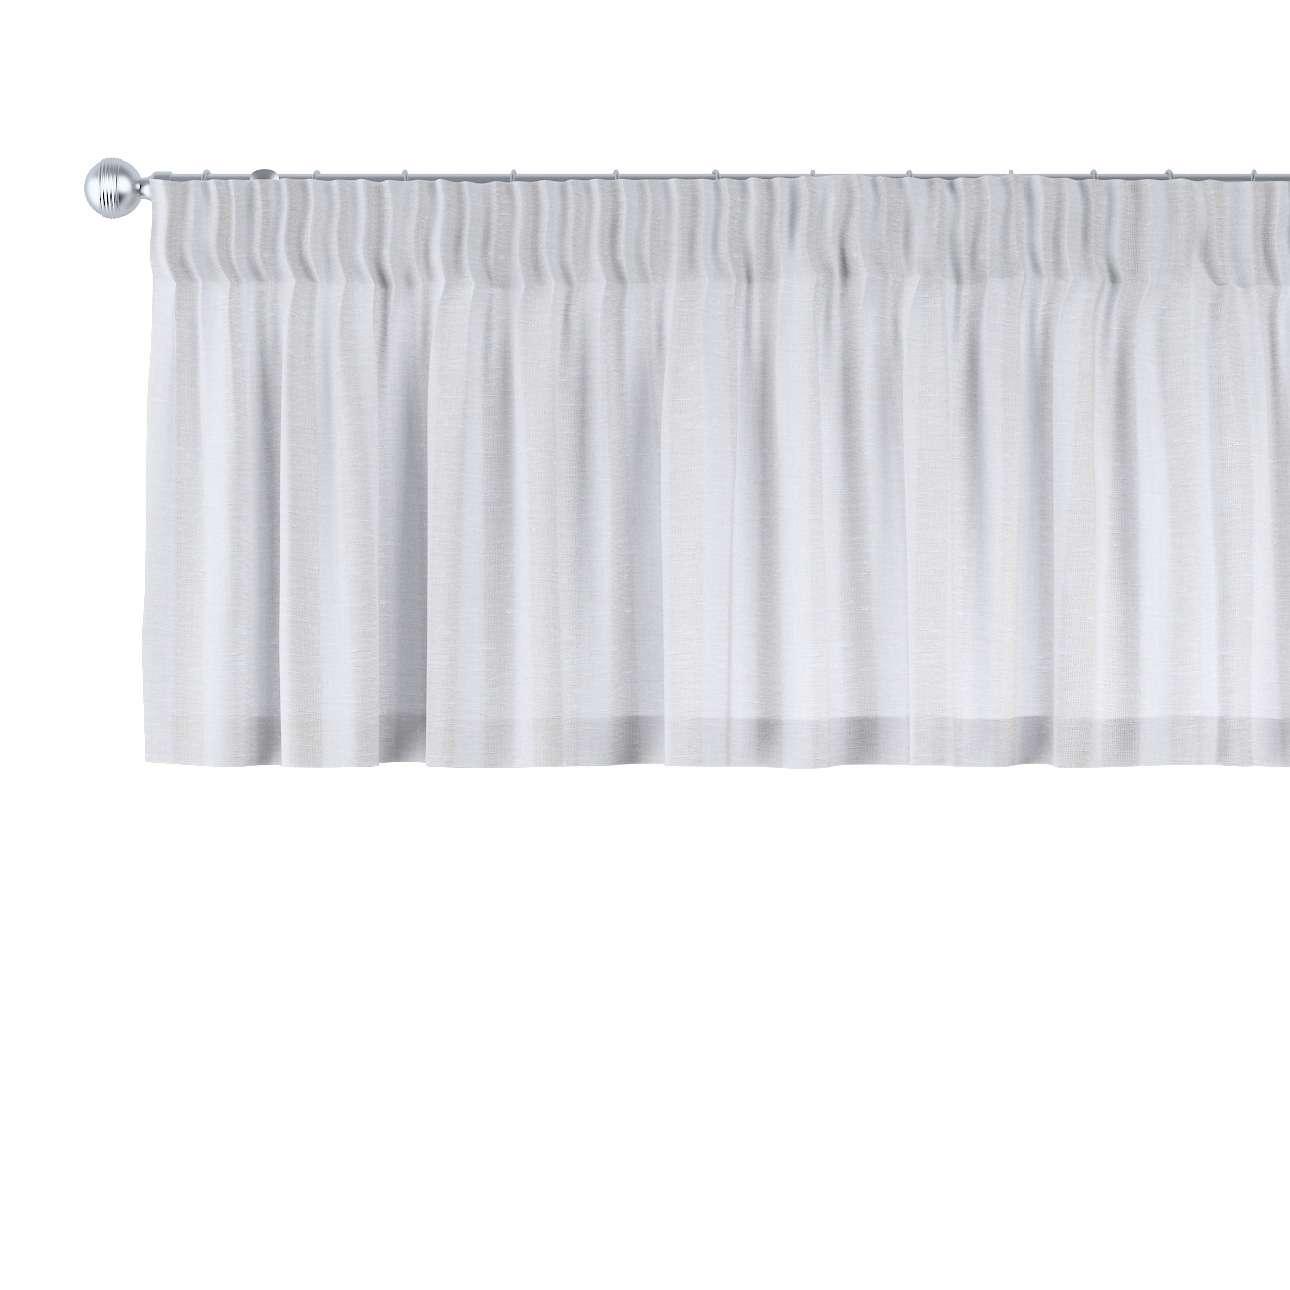 Lambrekin na taśmie marszczącej 130 x 40 cm w kolekcji Linen, tkanina: 392-03